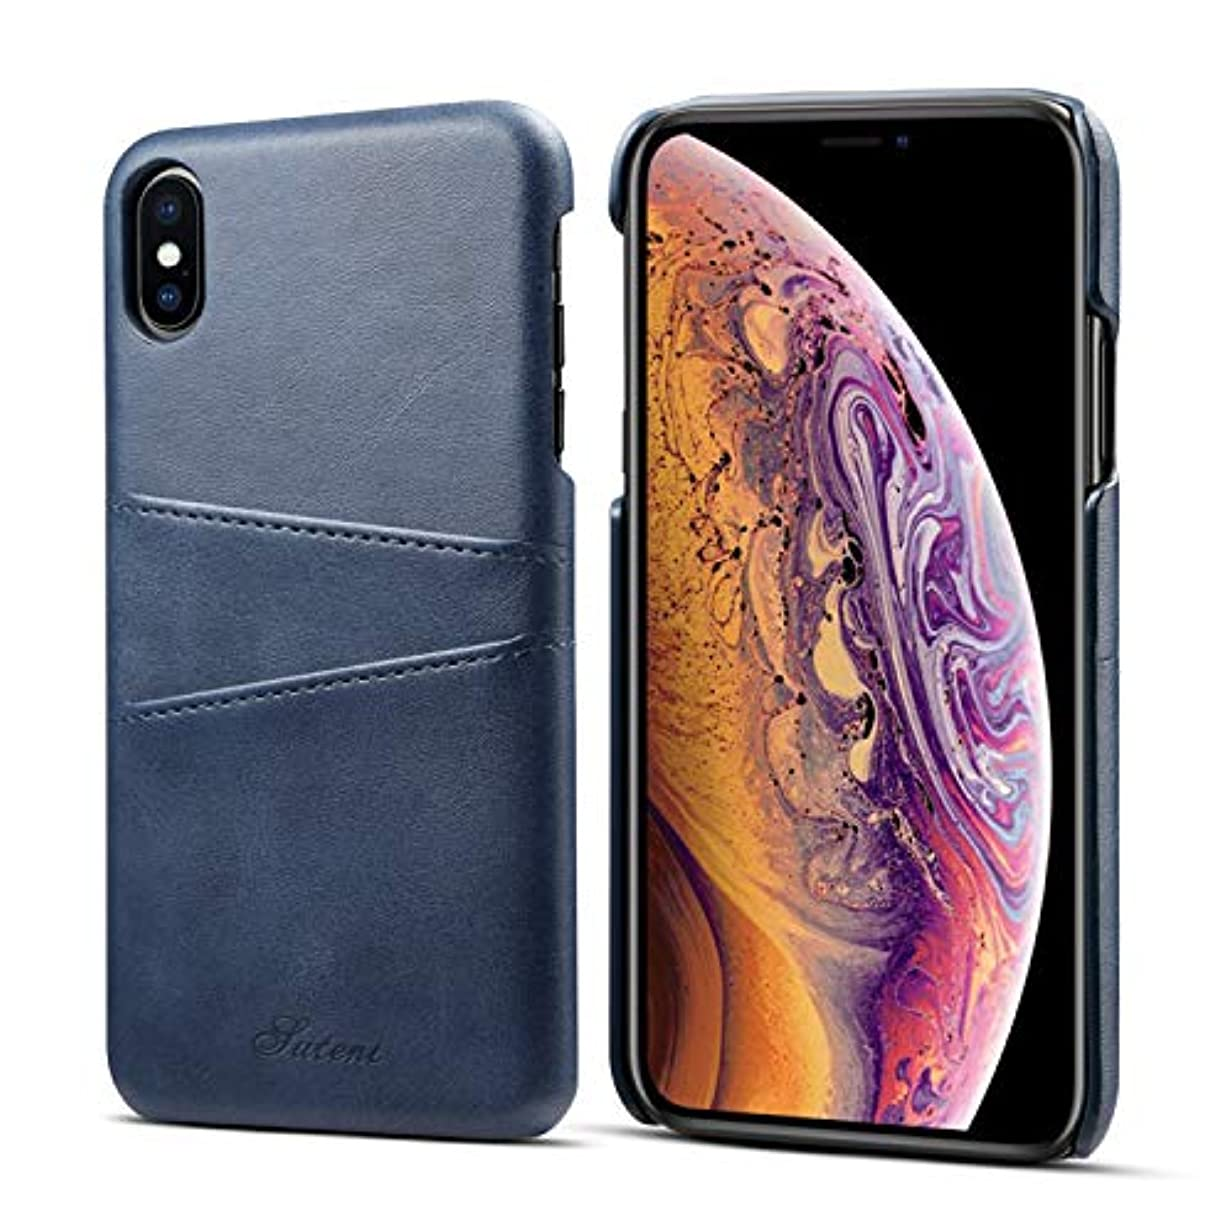 偽物庭園ソビエトiPhone XS Maxのための財布ケース、カード/ IDホルダースロット付きtaStoneプレミアムPUレザー電話ケースカバー6.5インチiPhone XS Maxのための軽量クラシックスタイルスリム保護スクリーンケース...